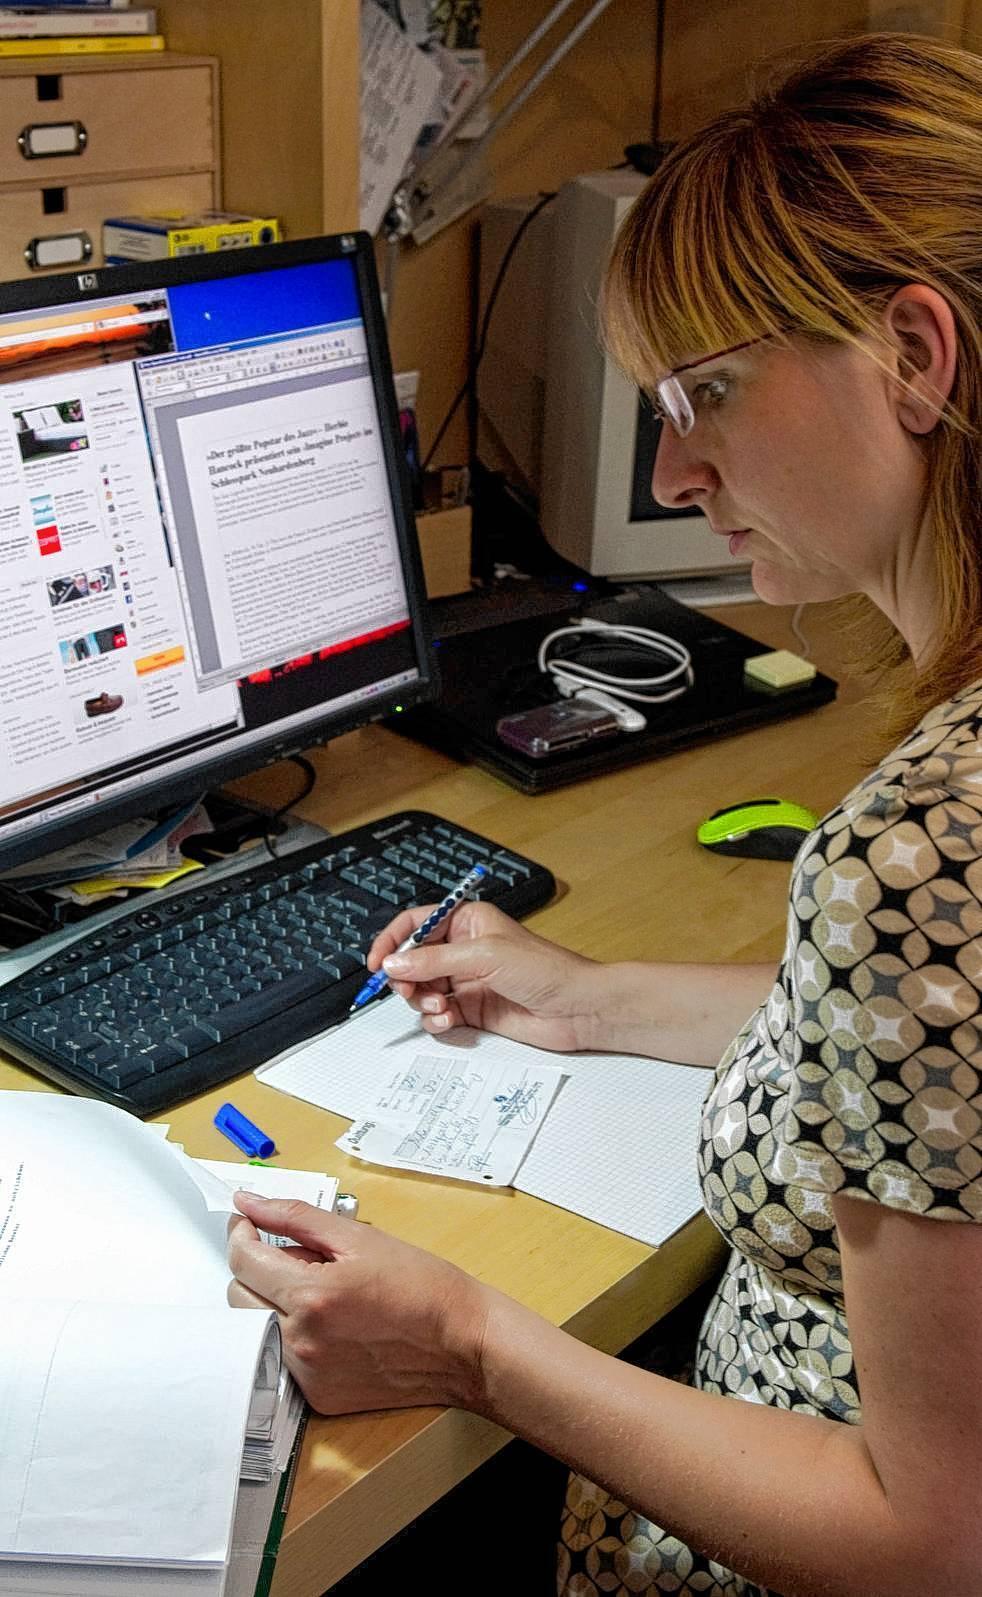 Büroarbeit Zu Hause Ohne Kanzlerbonus